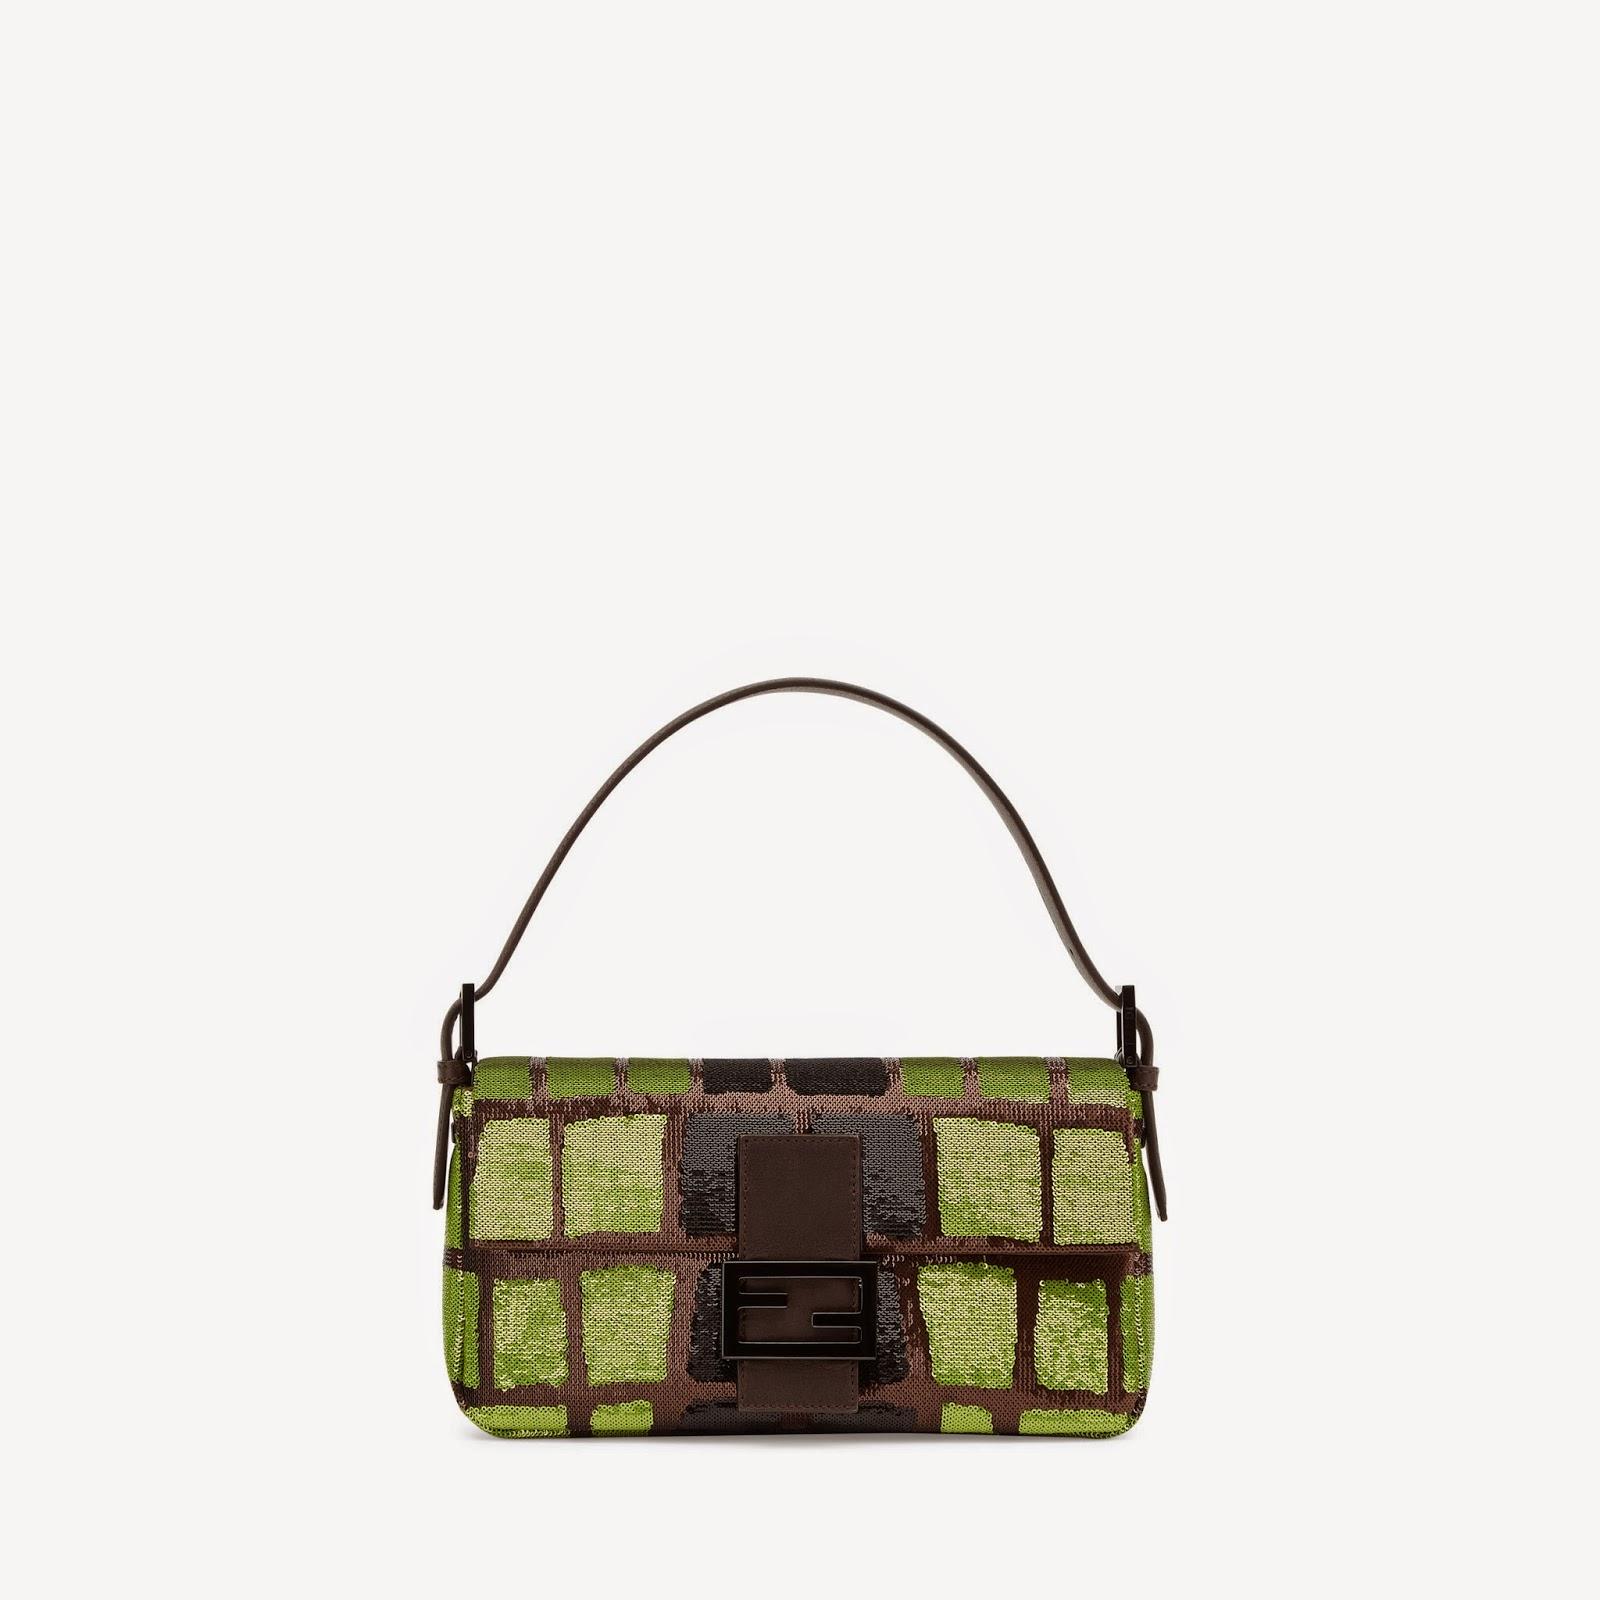 Fendi's Fall/Winter 2014 Bags